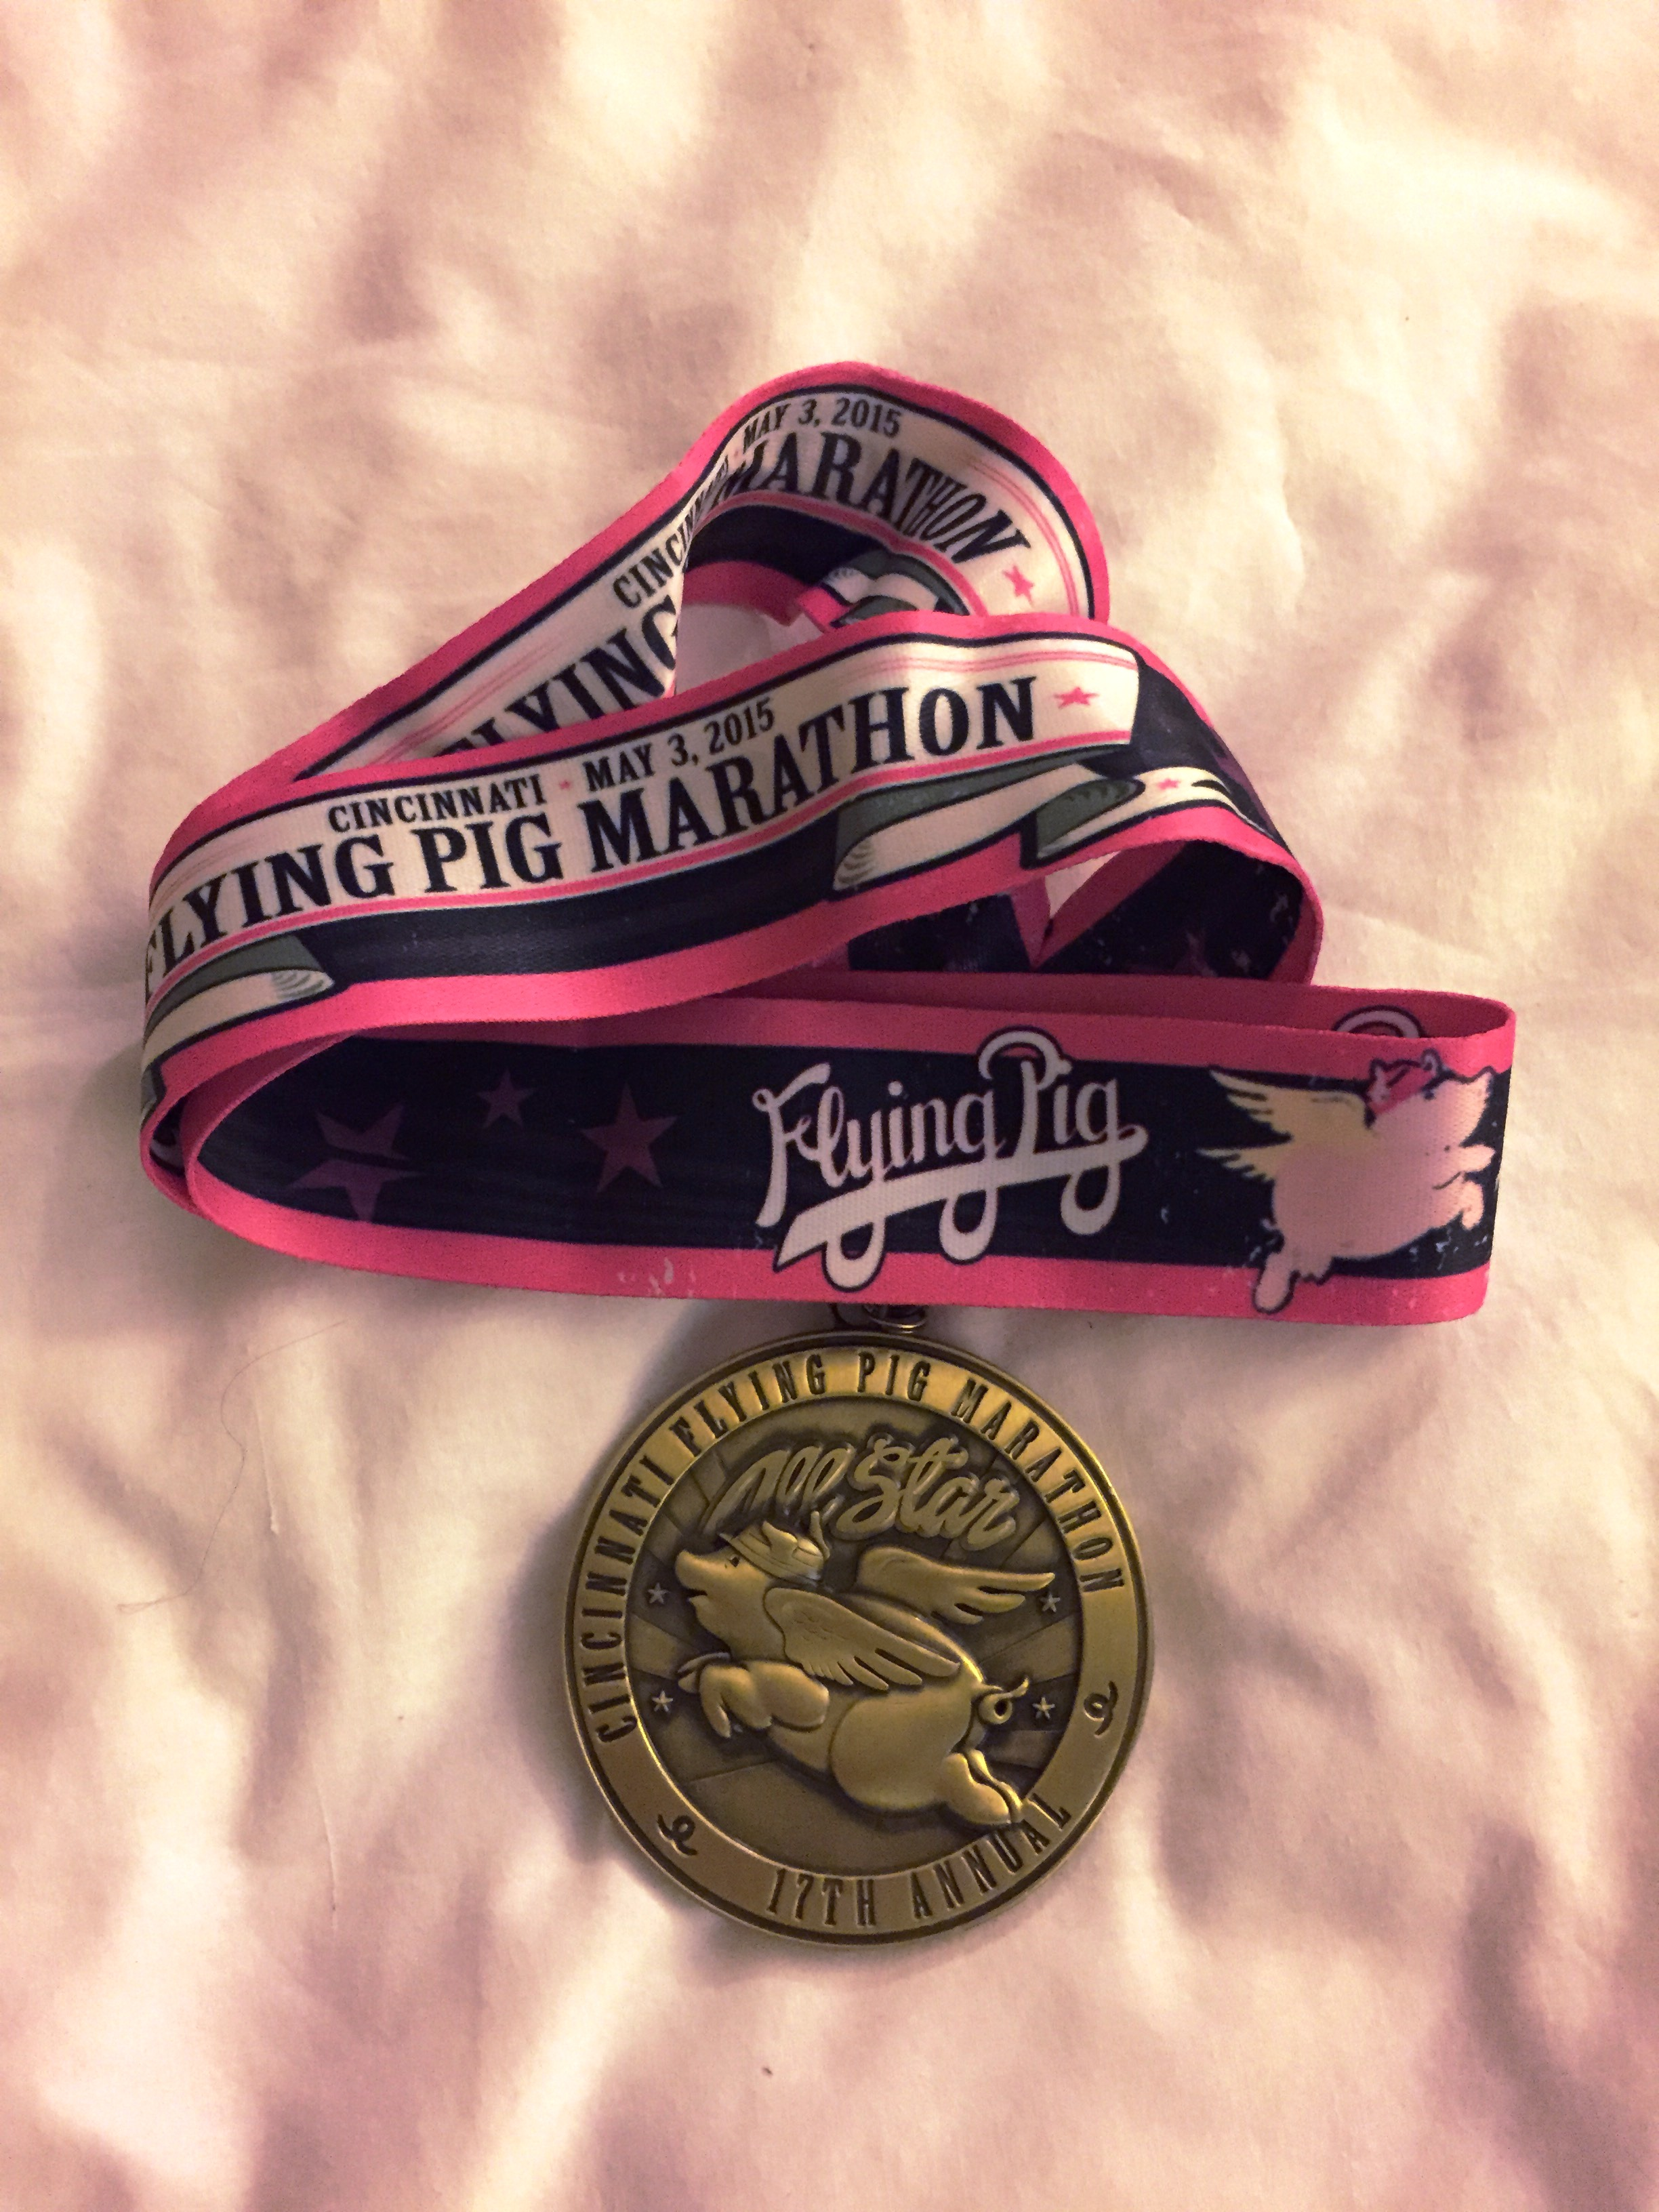 FLYING PIG MARATHOn Medal